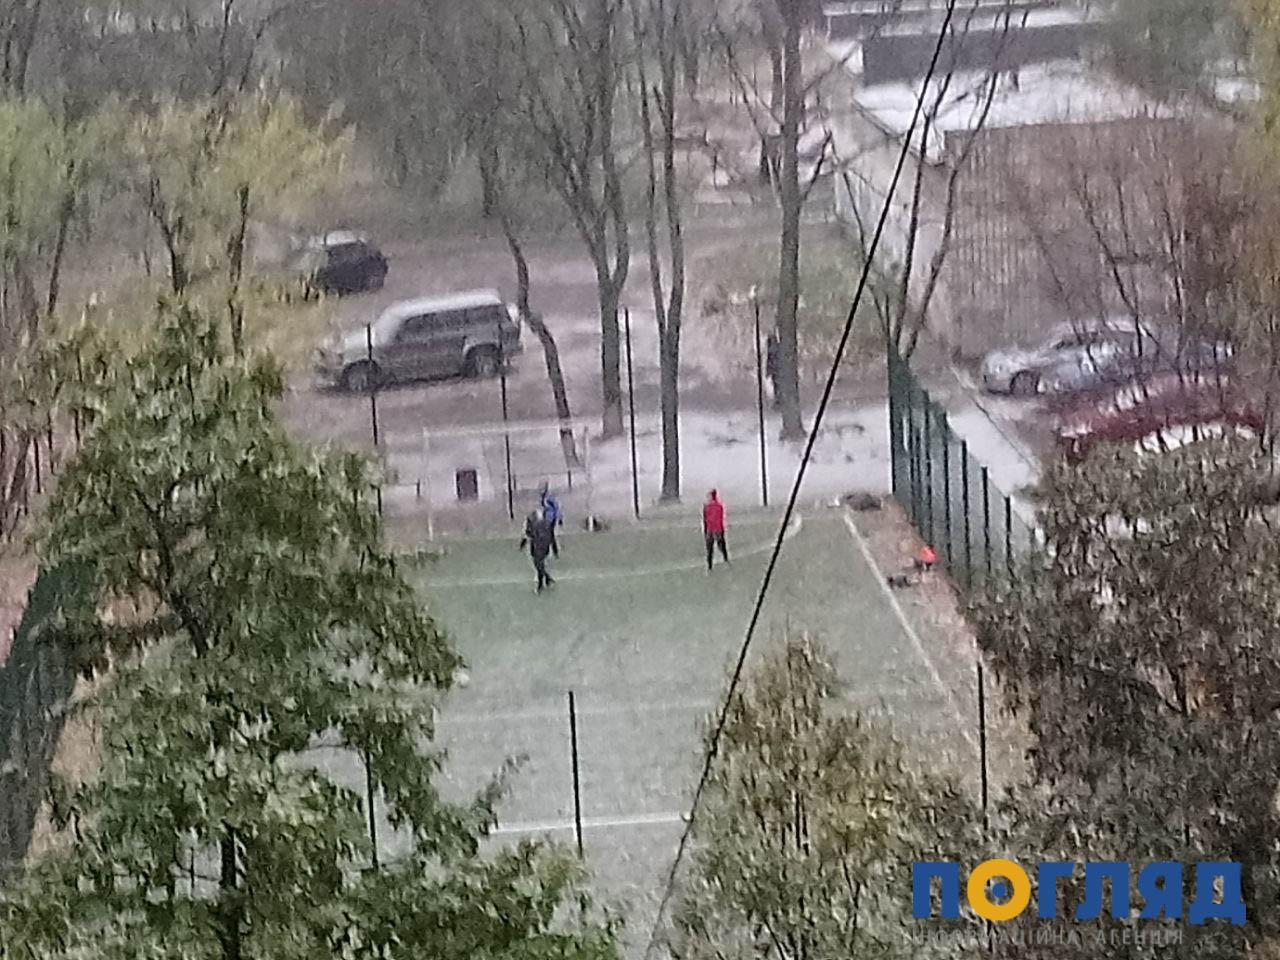 Засніжило: на Київщині випав перший сніг (ФОТО) - сніг, погода, перший сніг - 17 sneg kyev2